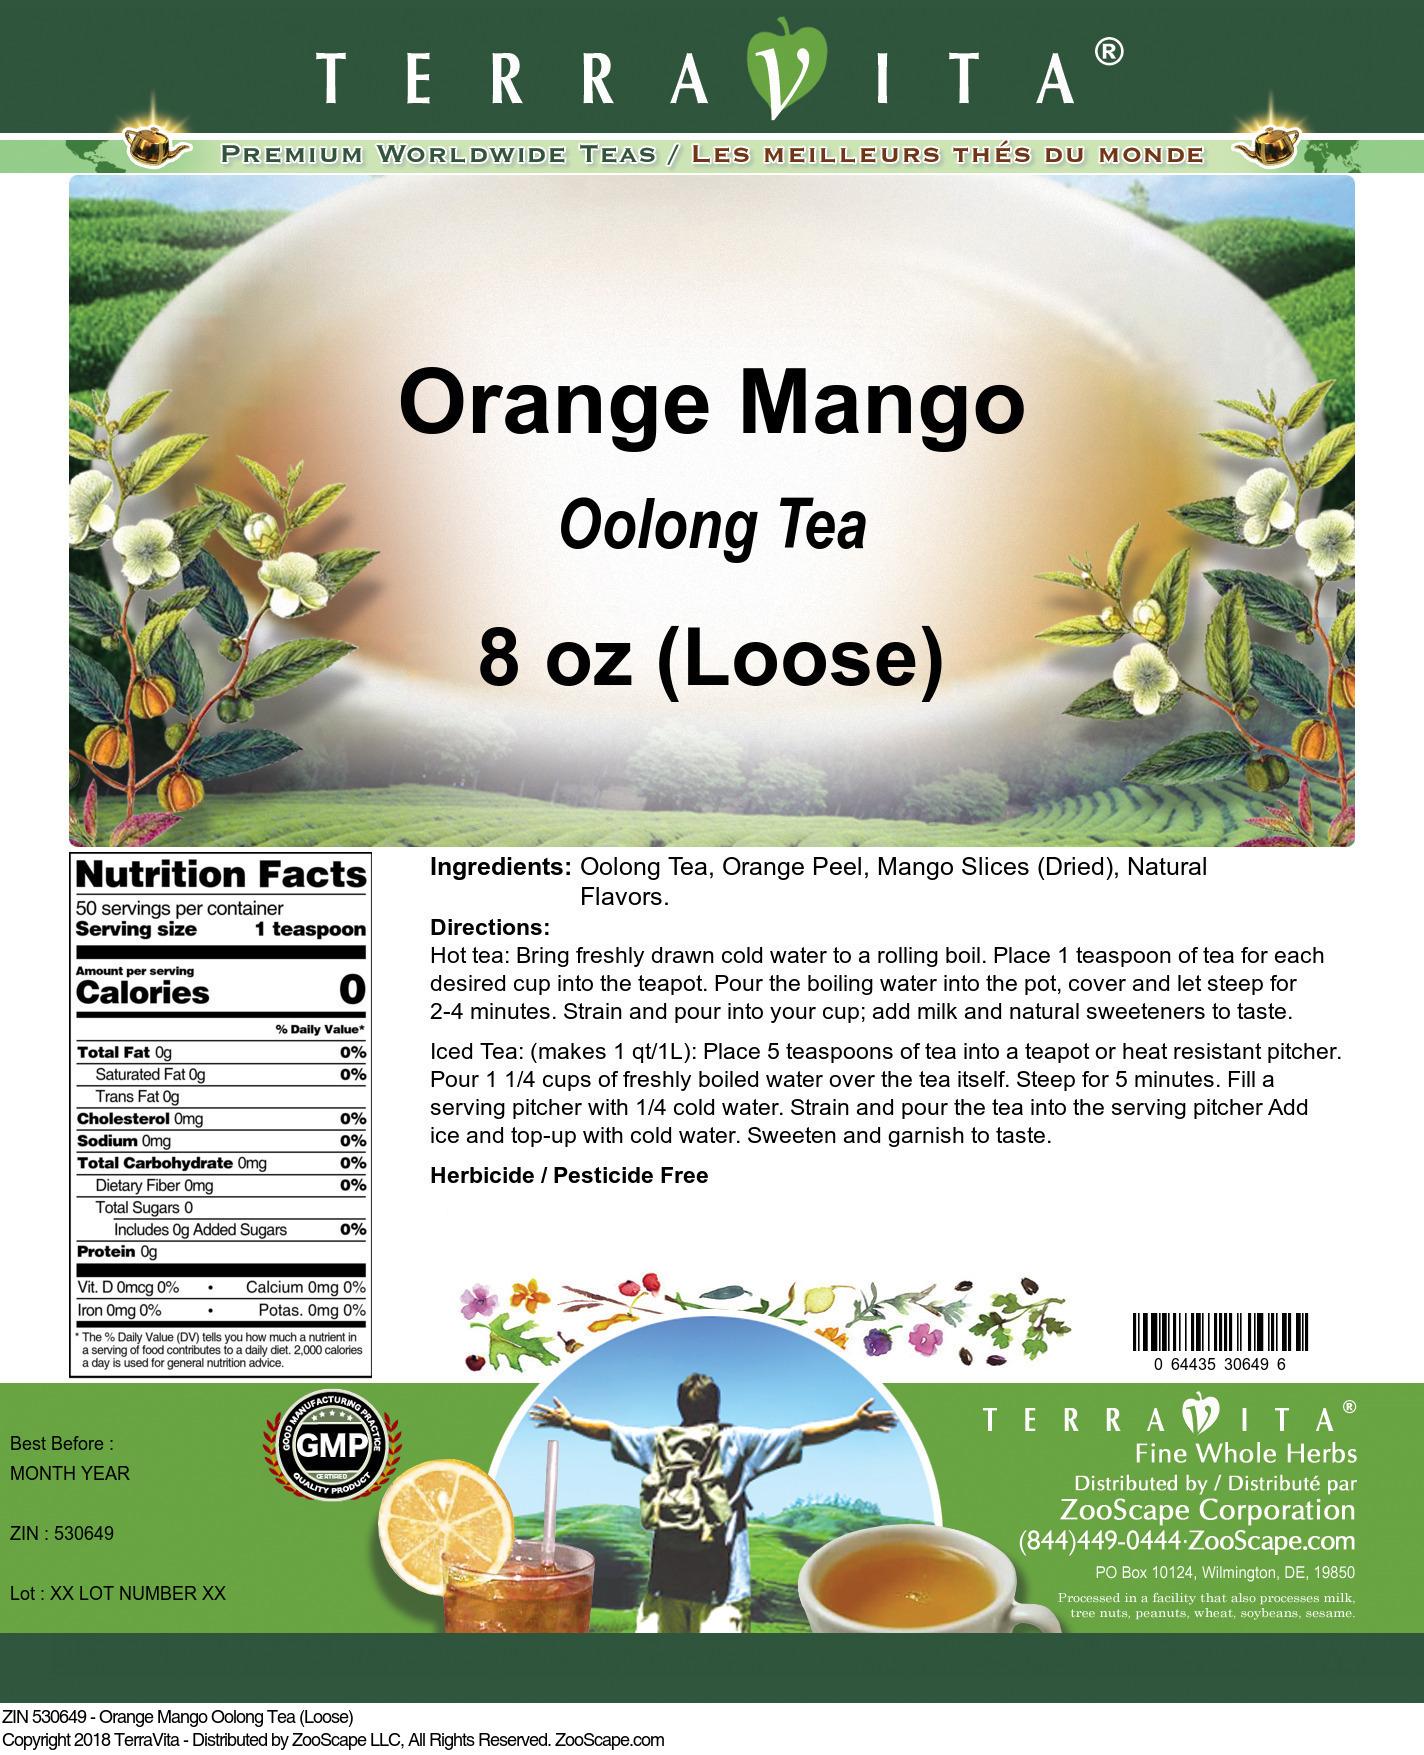 Orange Mango Oolong Tea (Loose)